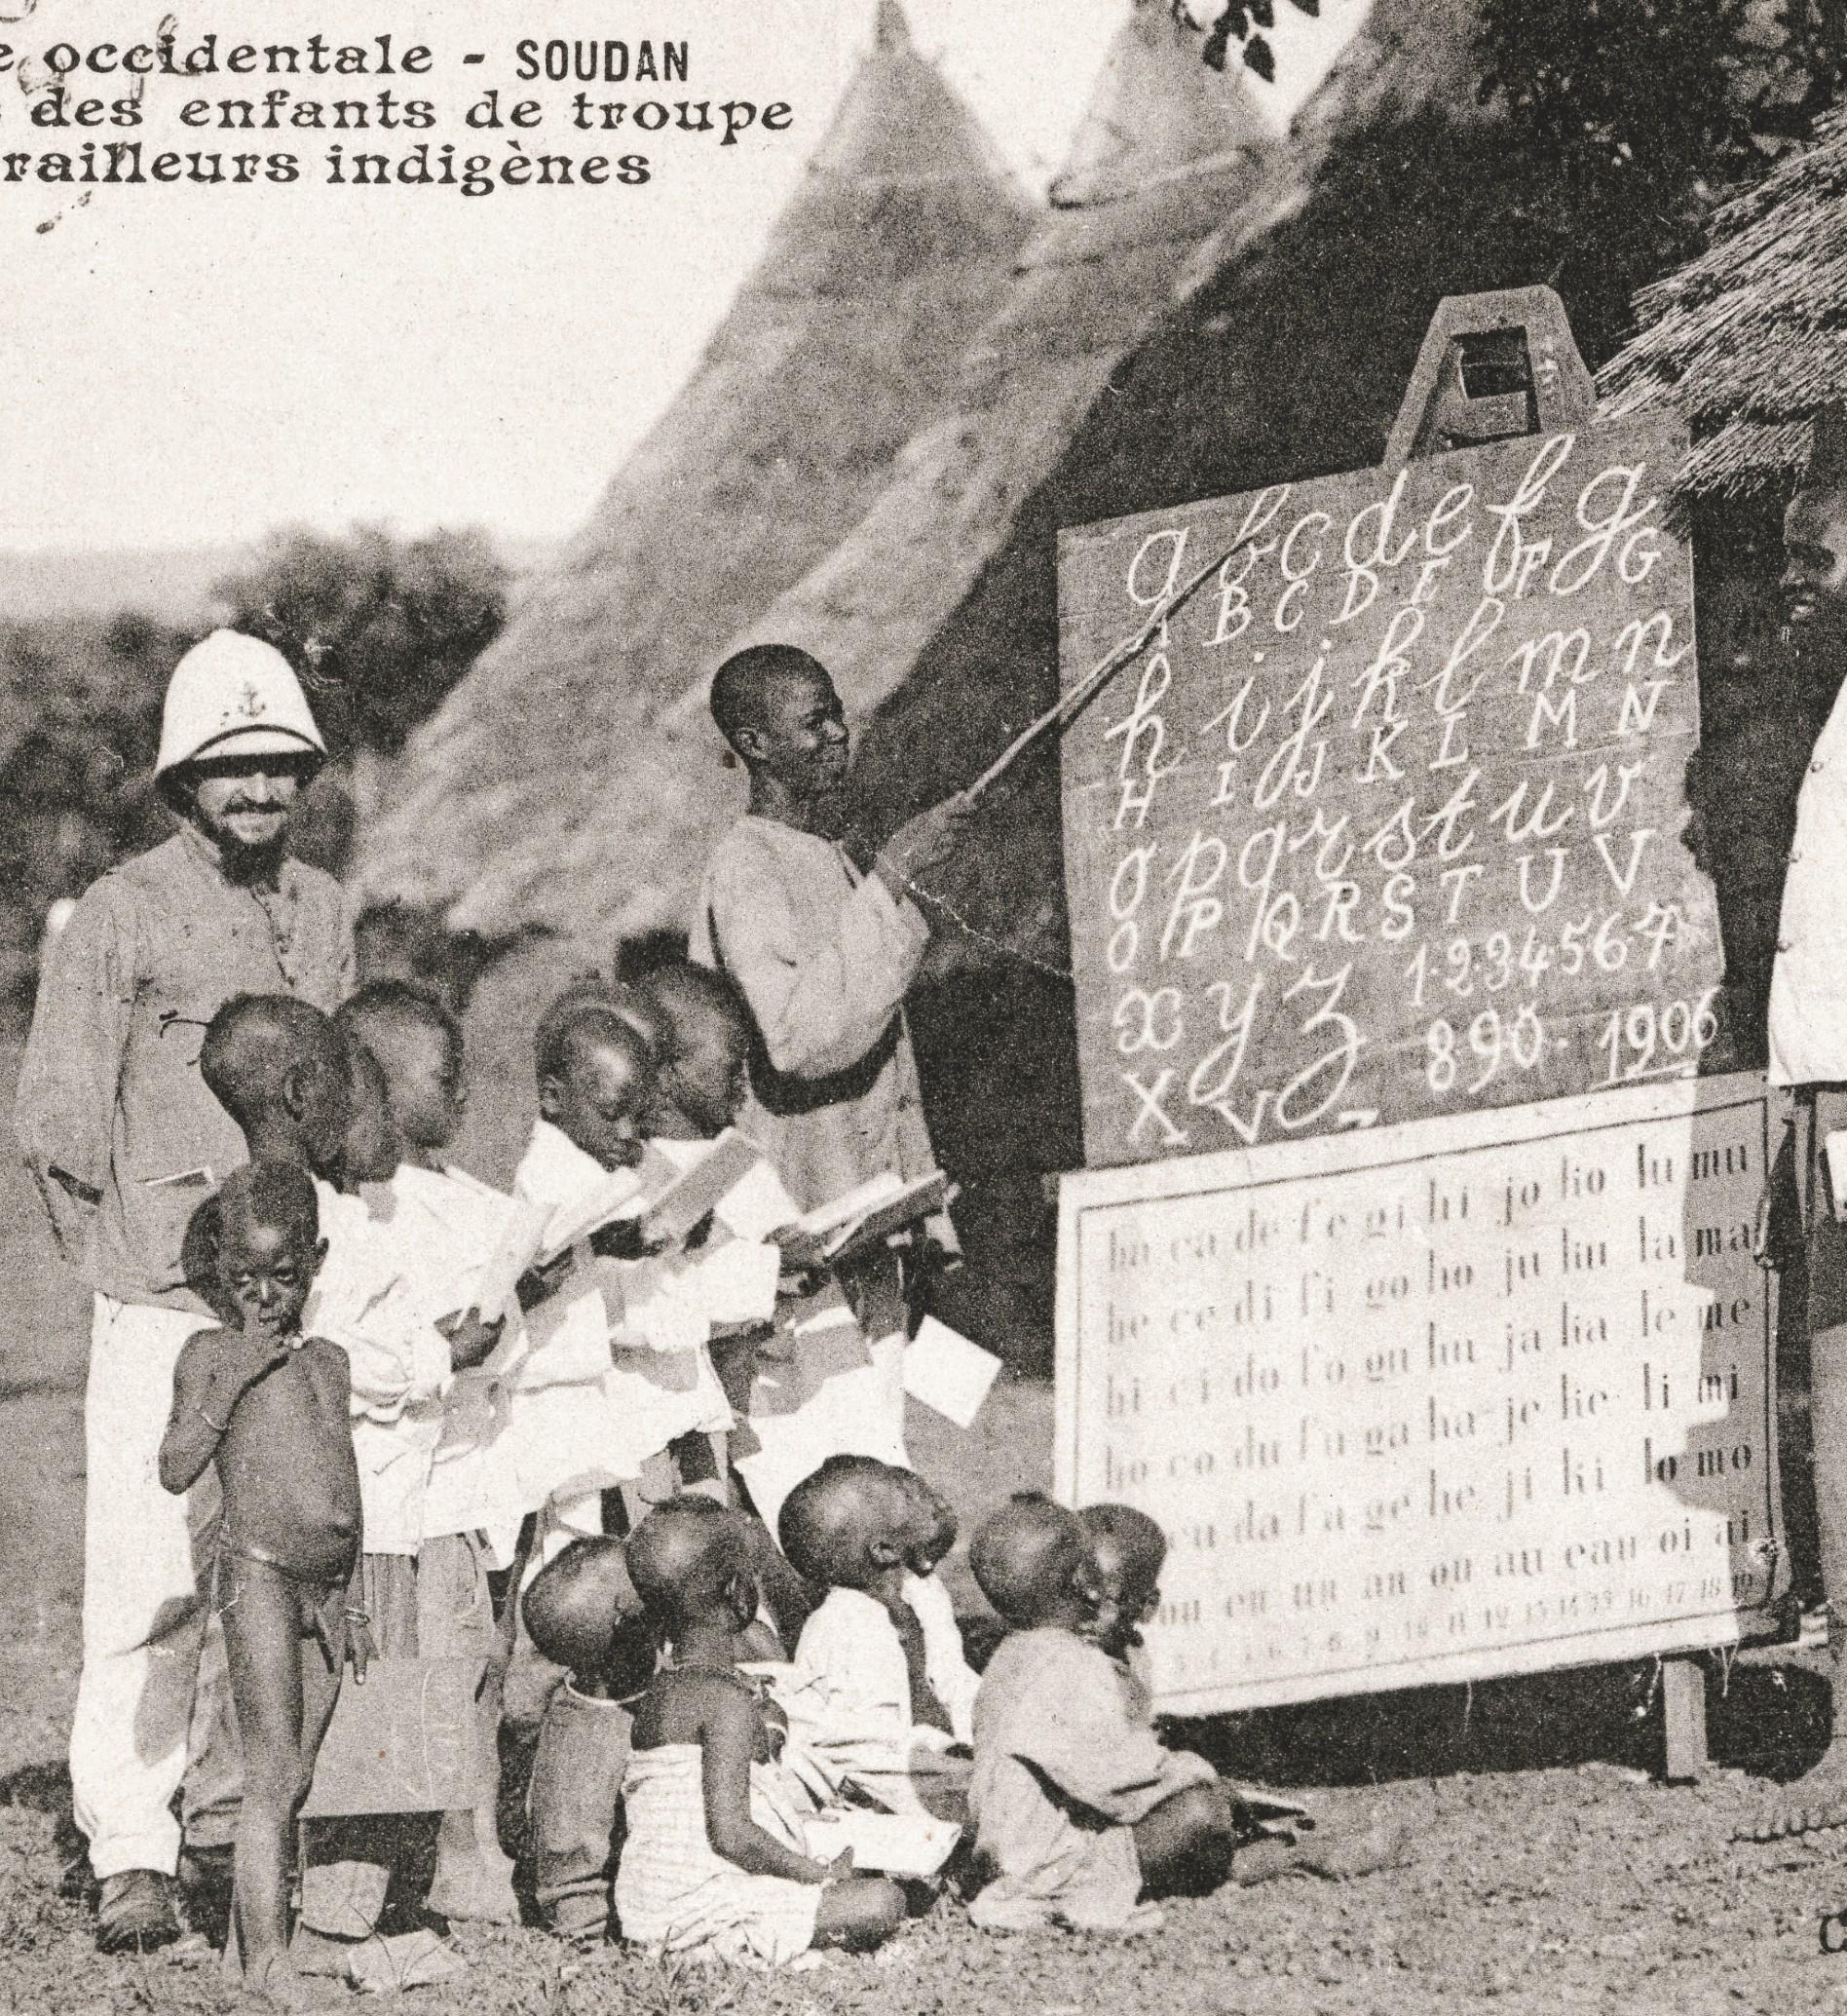 École des enfants des tirailleurs indigènes au Soudan français